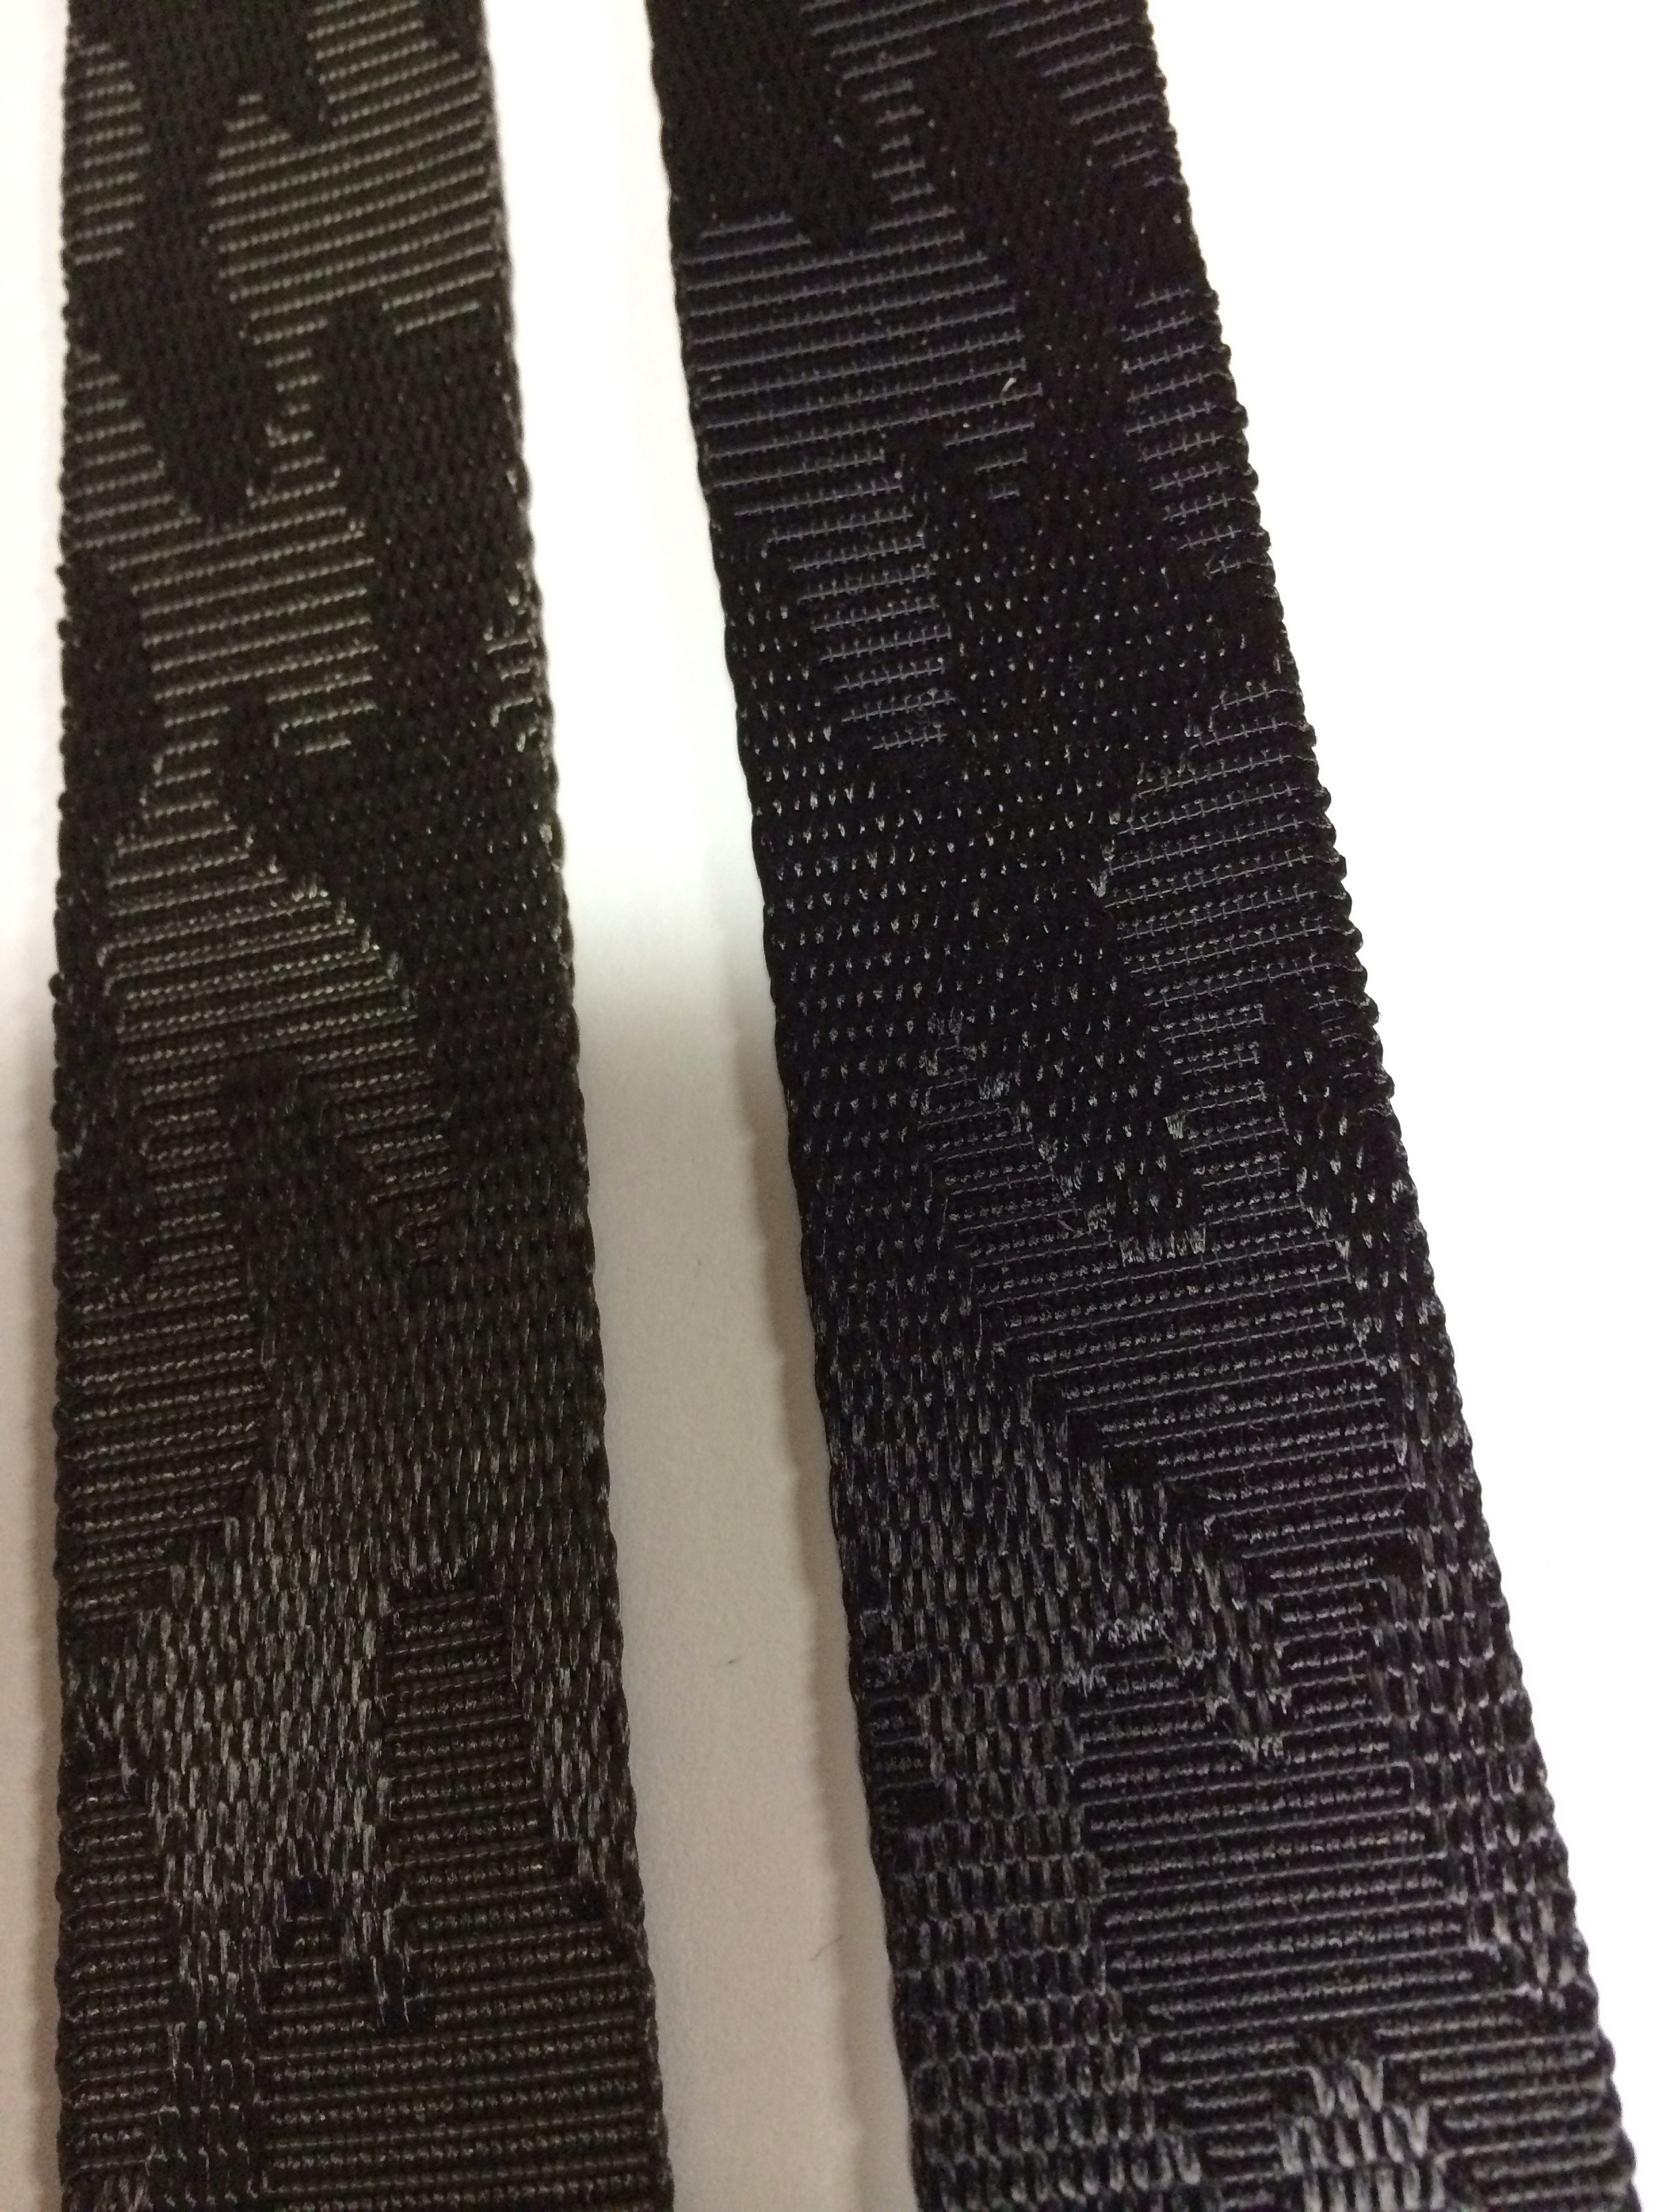 ナイロンテープ  ジャガード織 迷彩柄 30mm幅 黒  5m単位 在庫限り